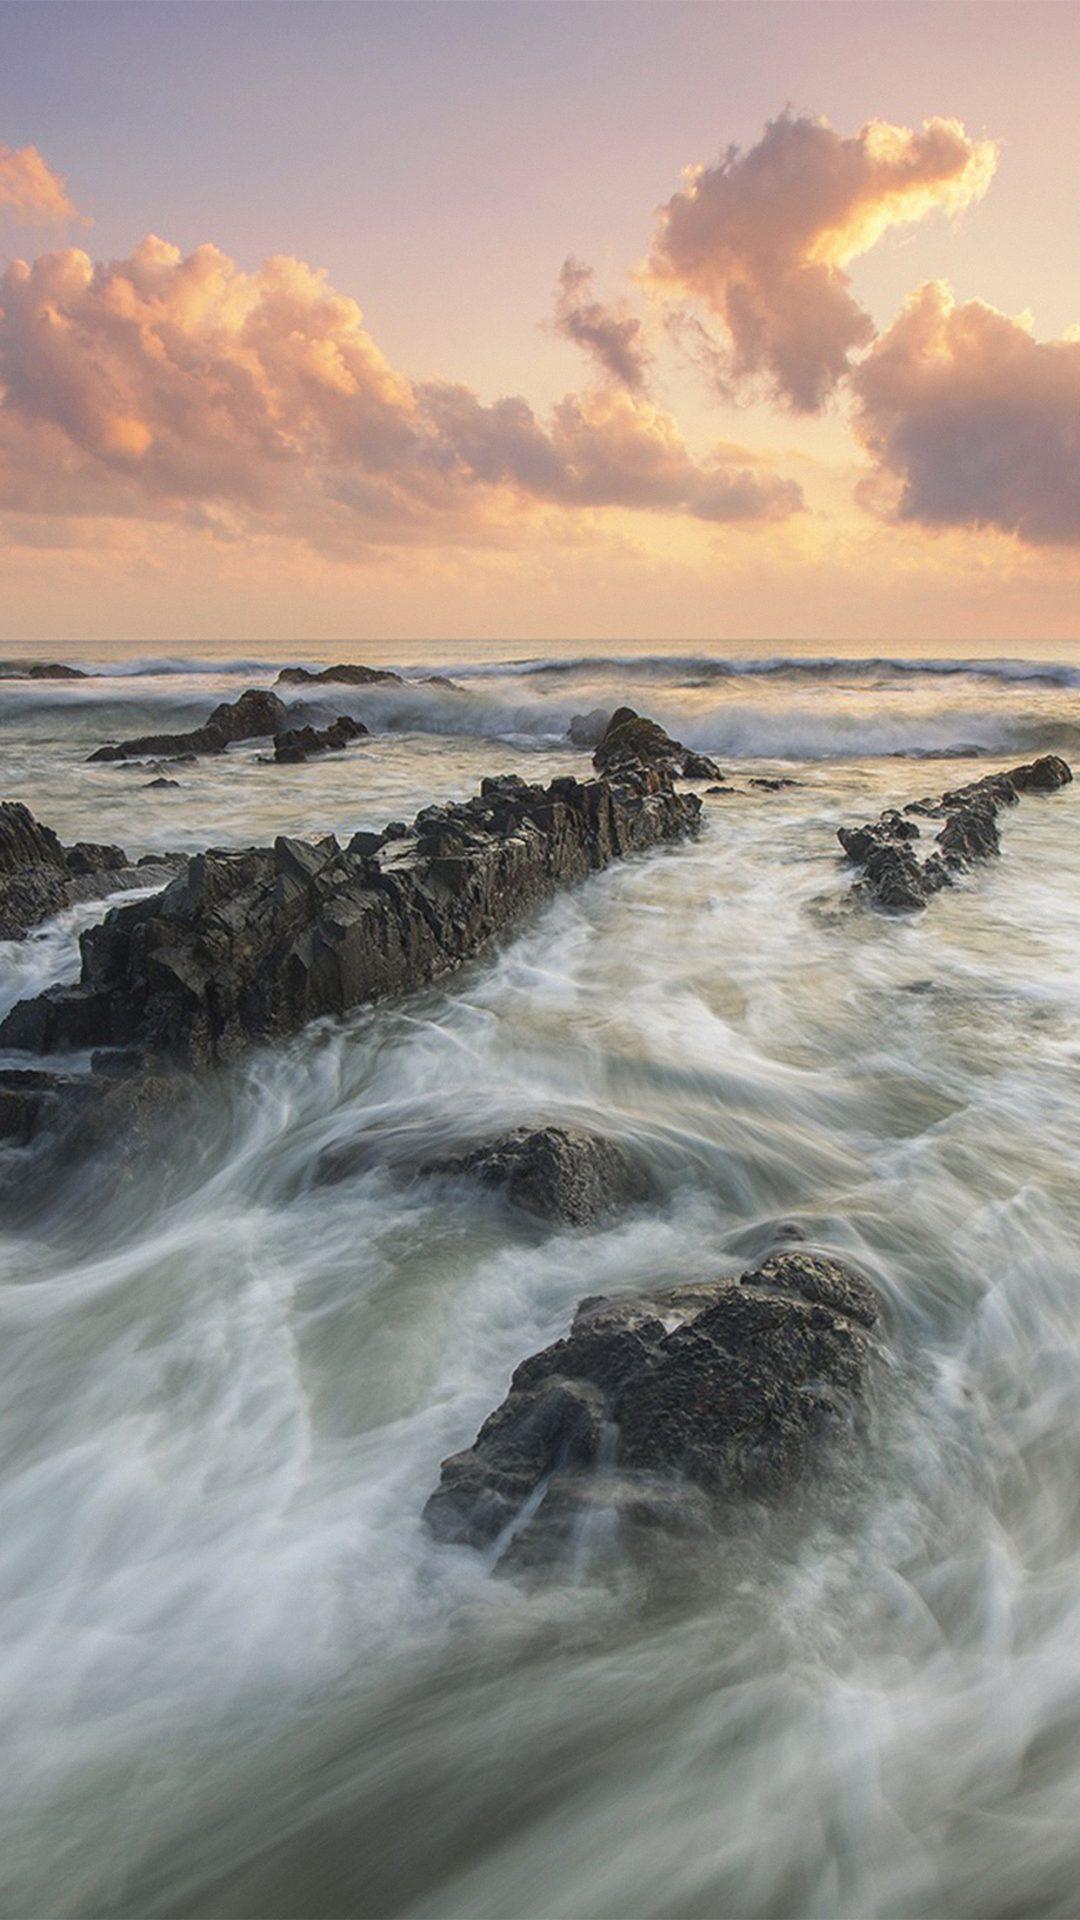 Sea Ocean Water Sunset Nature